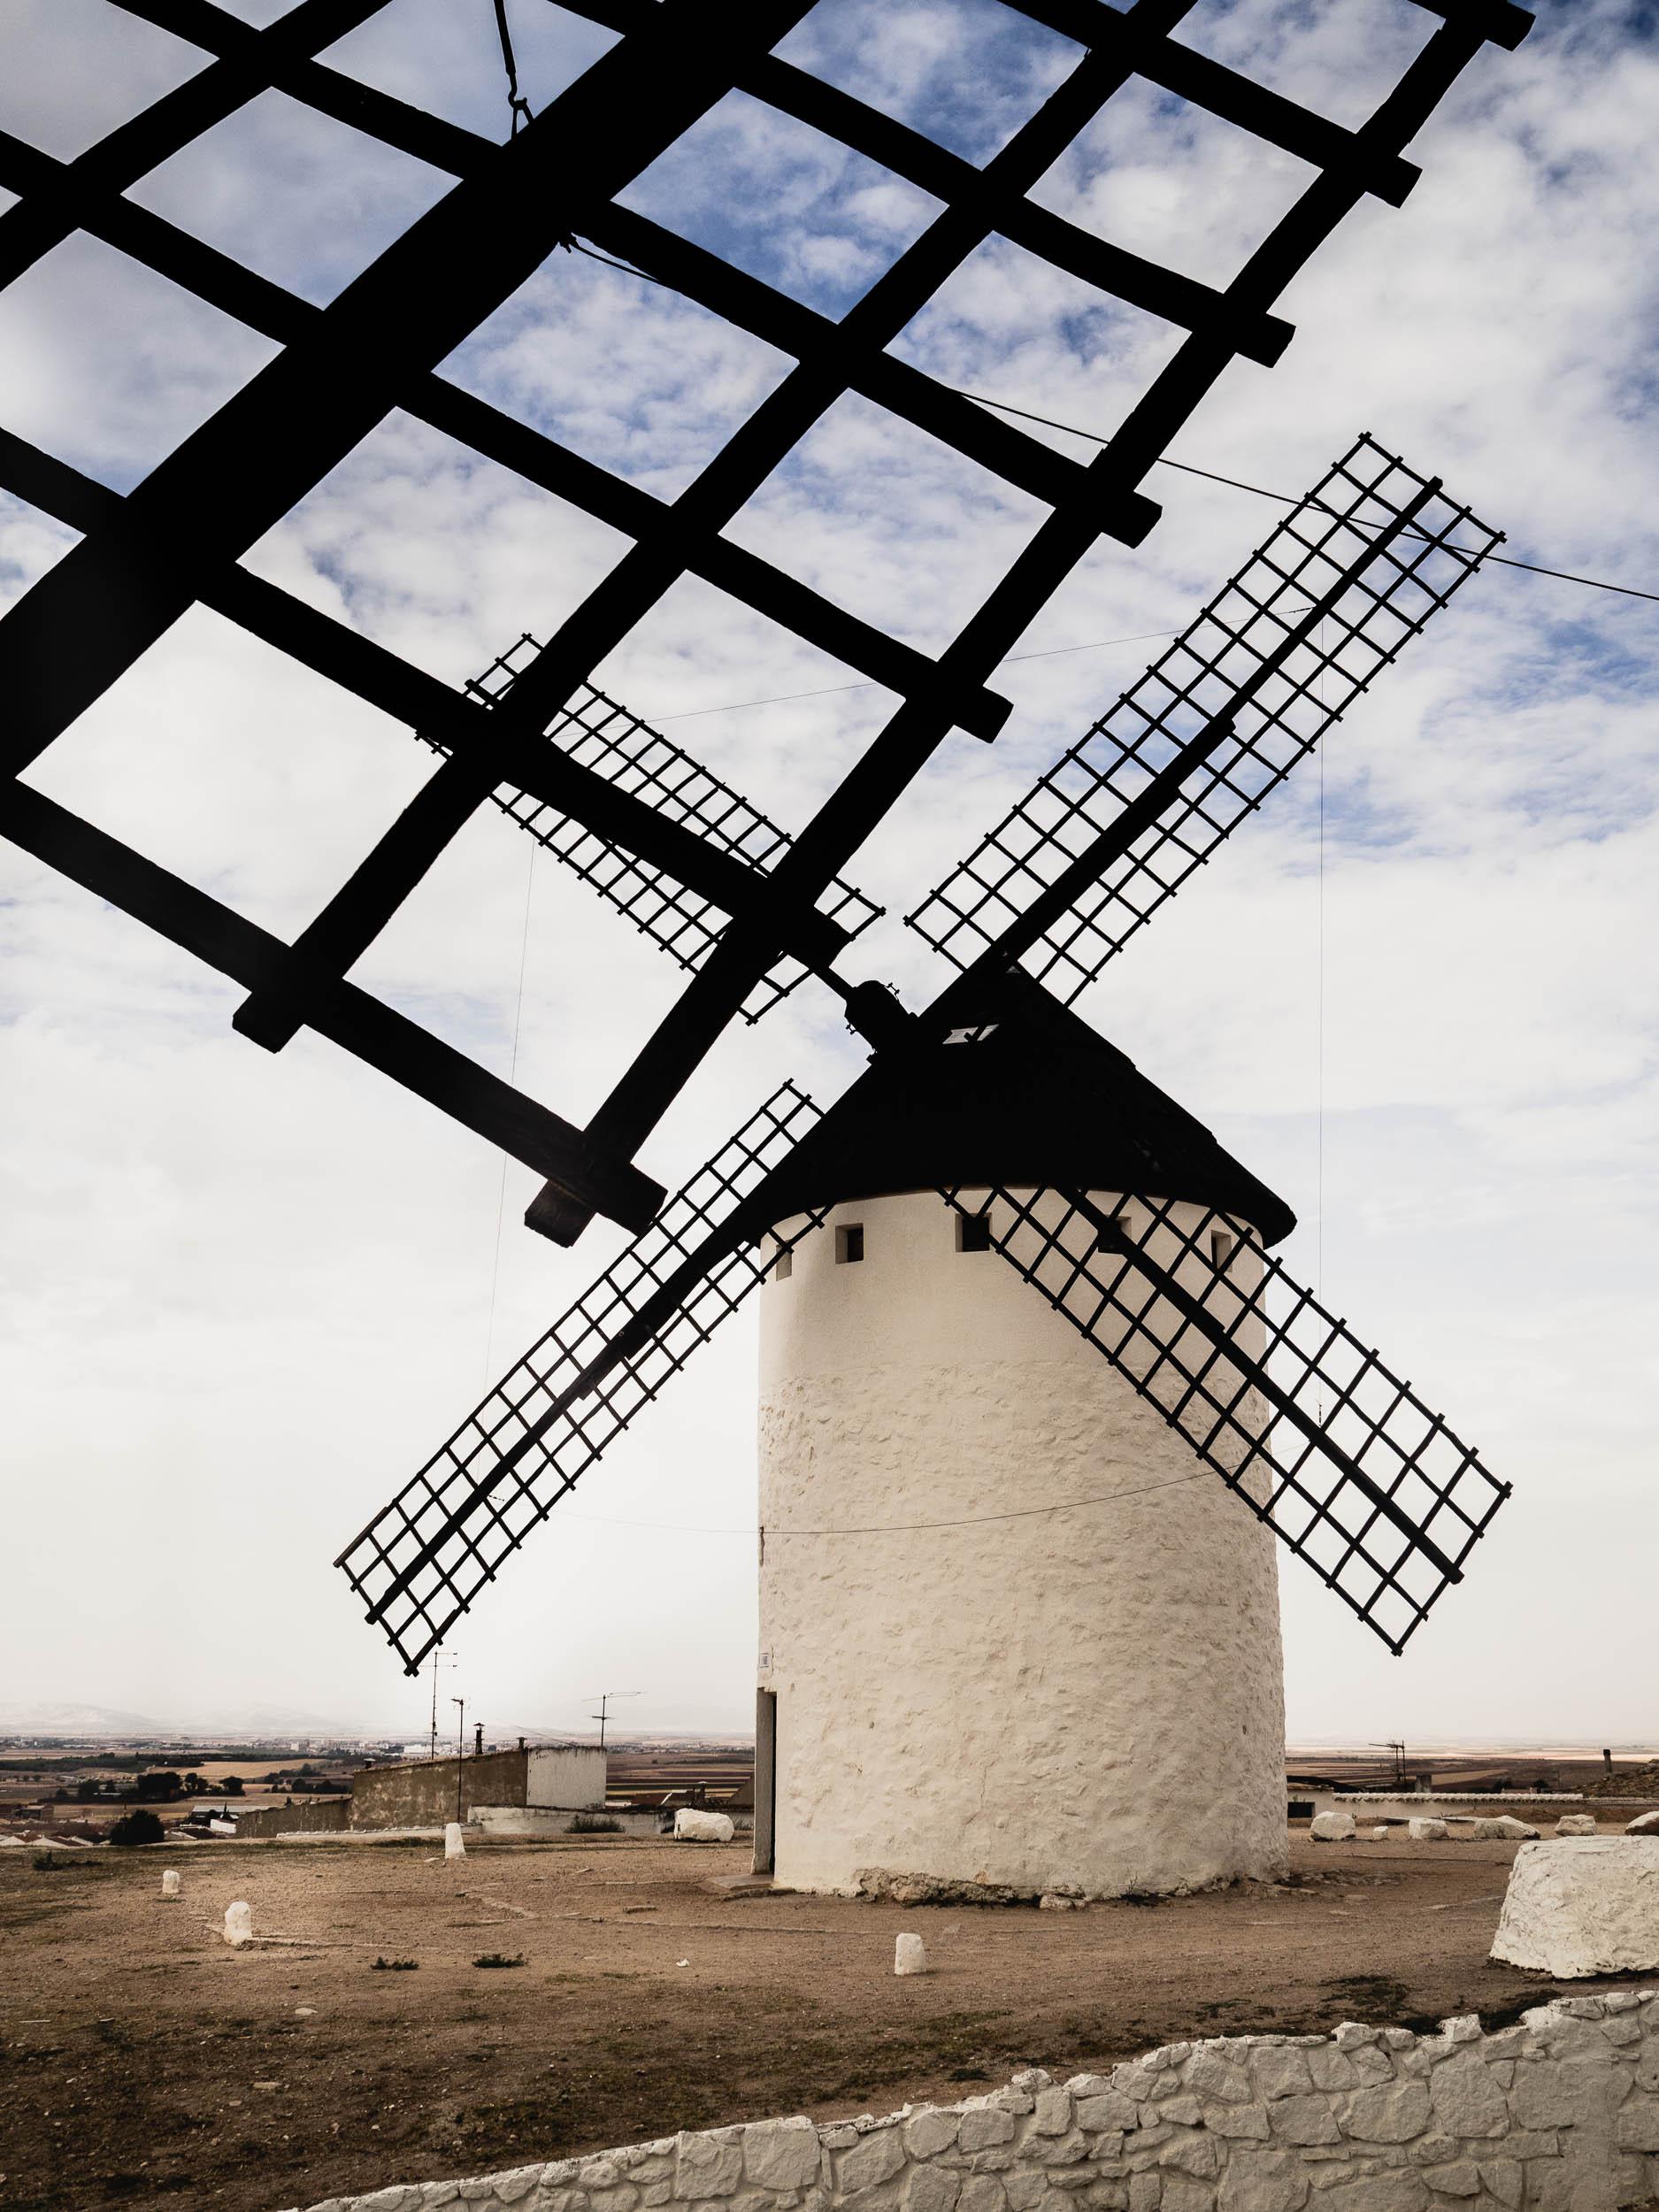 Windmills-8270146.jpg